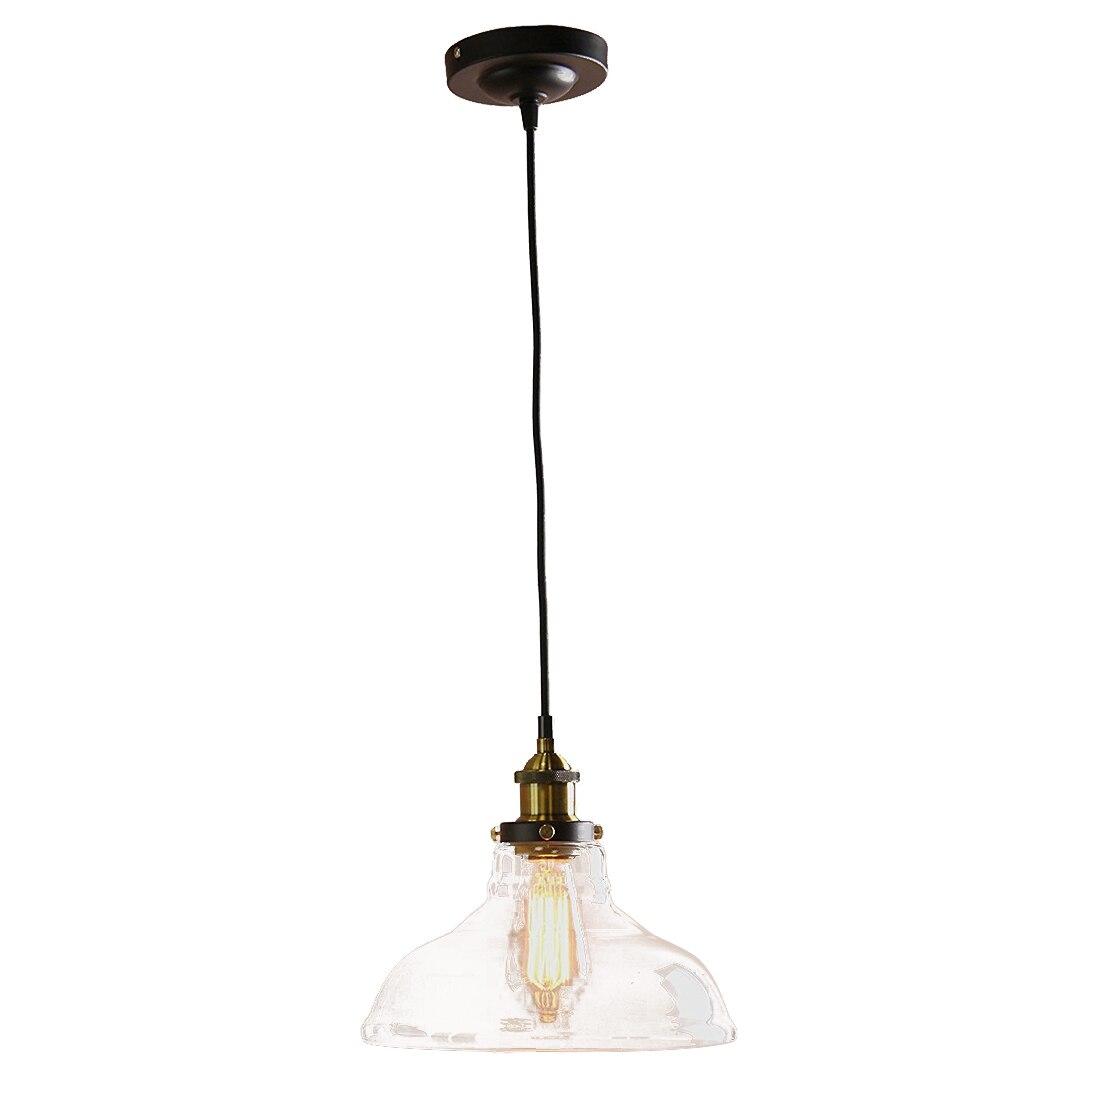 Современный Винтаж Янтарный промышленных 1 Свет Iron Body Стекло Тень Лофт Бар Кухня крышка люстра висит кулон свет лампы